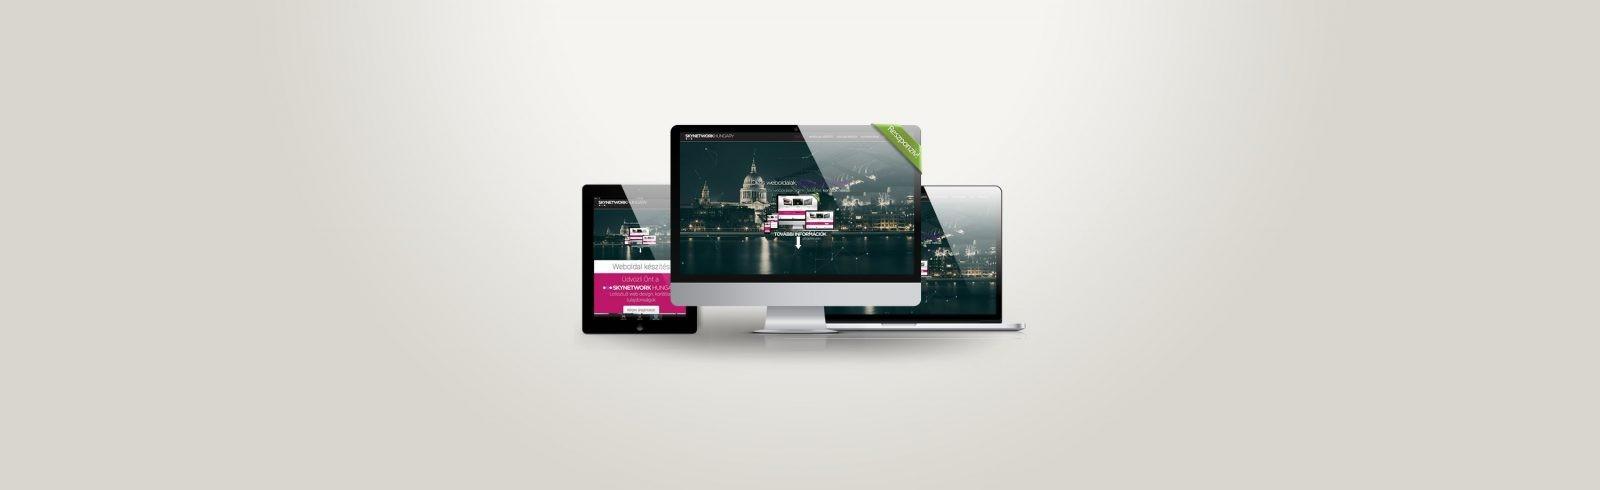 p2 Gazdaságos weboldal készítés